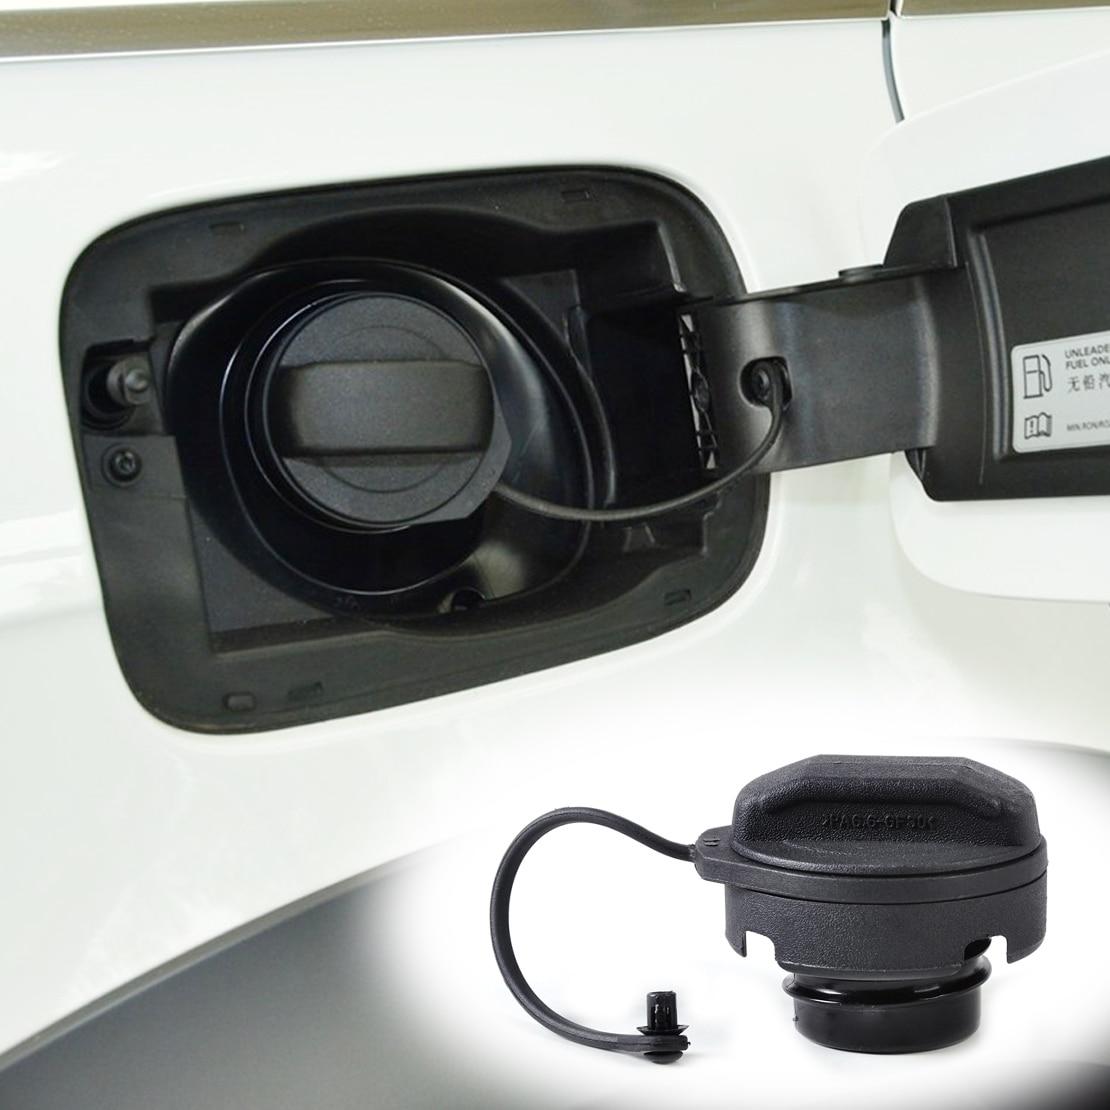 Dwcx 1j0201550a przednia pokrywa korka zbiornika paliwa benzyna olej do vw golf audi a4 a6 a8